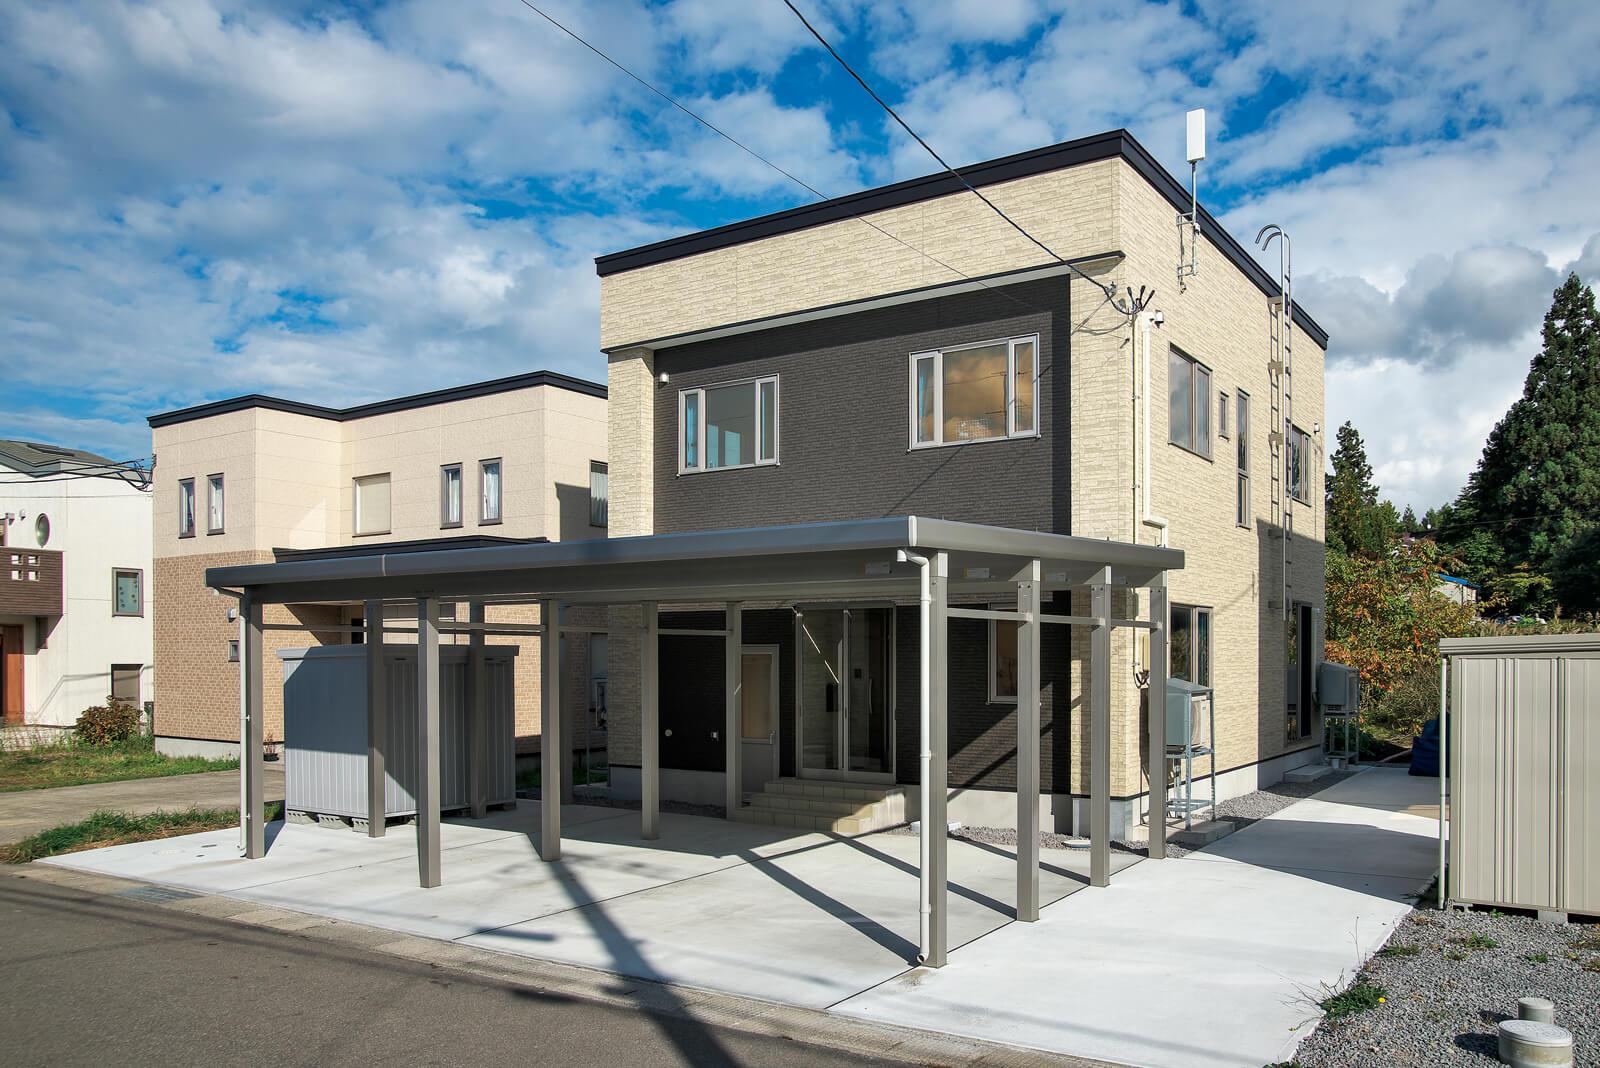 青森市郊外の住宅地に建つSさん宅。来客用の駐車場と菜園スペースも確保してある